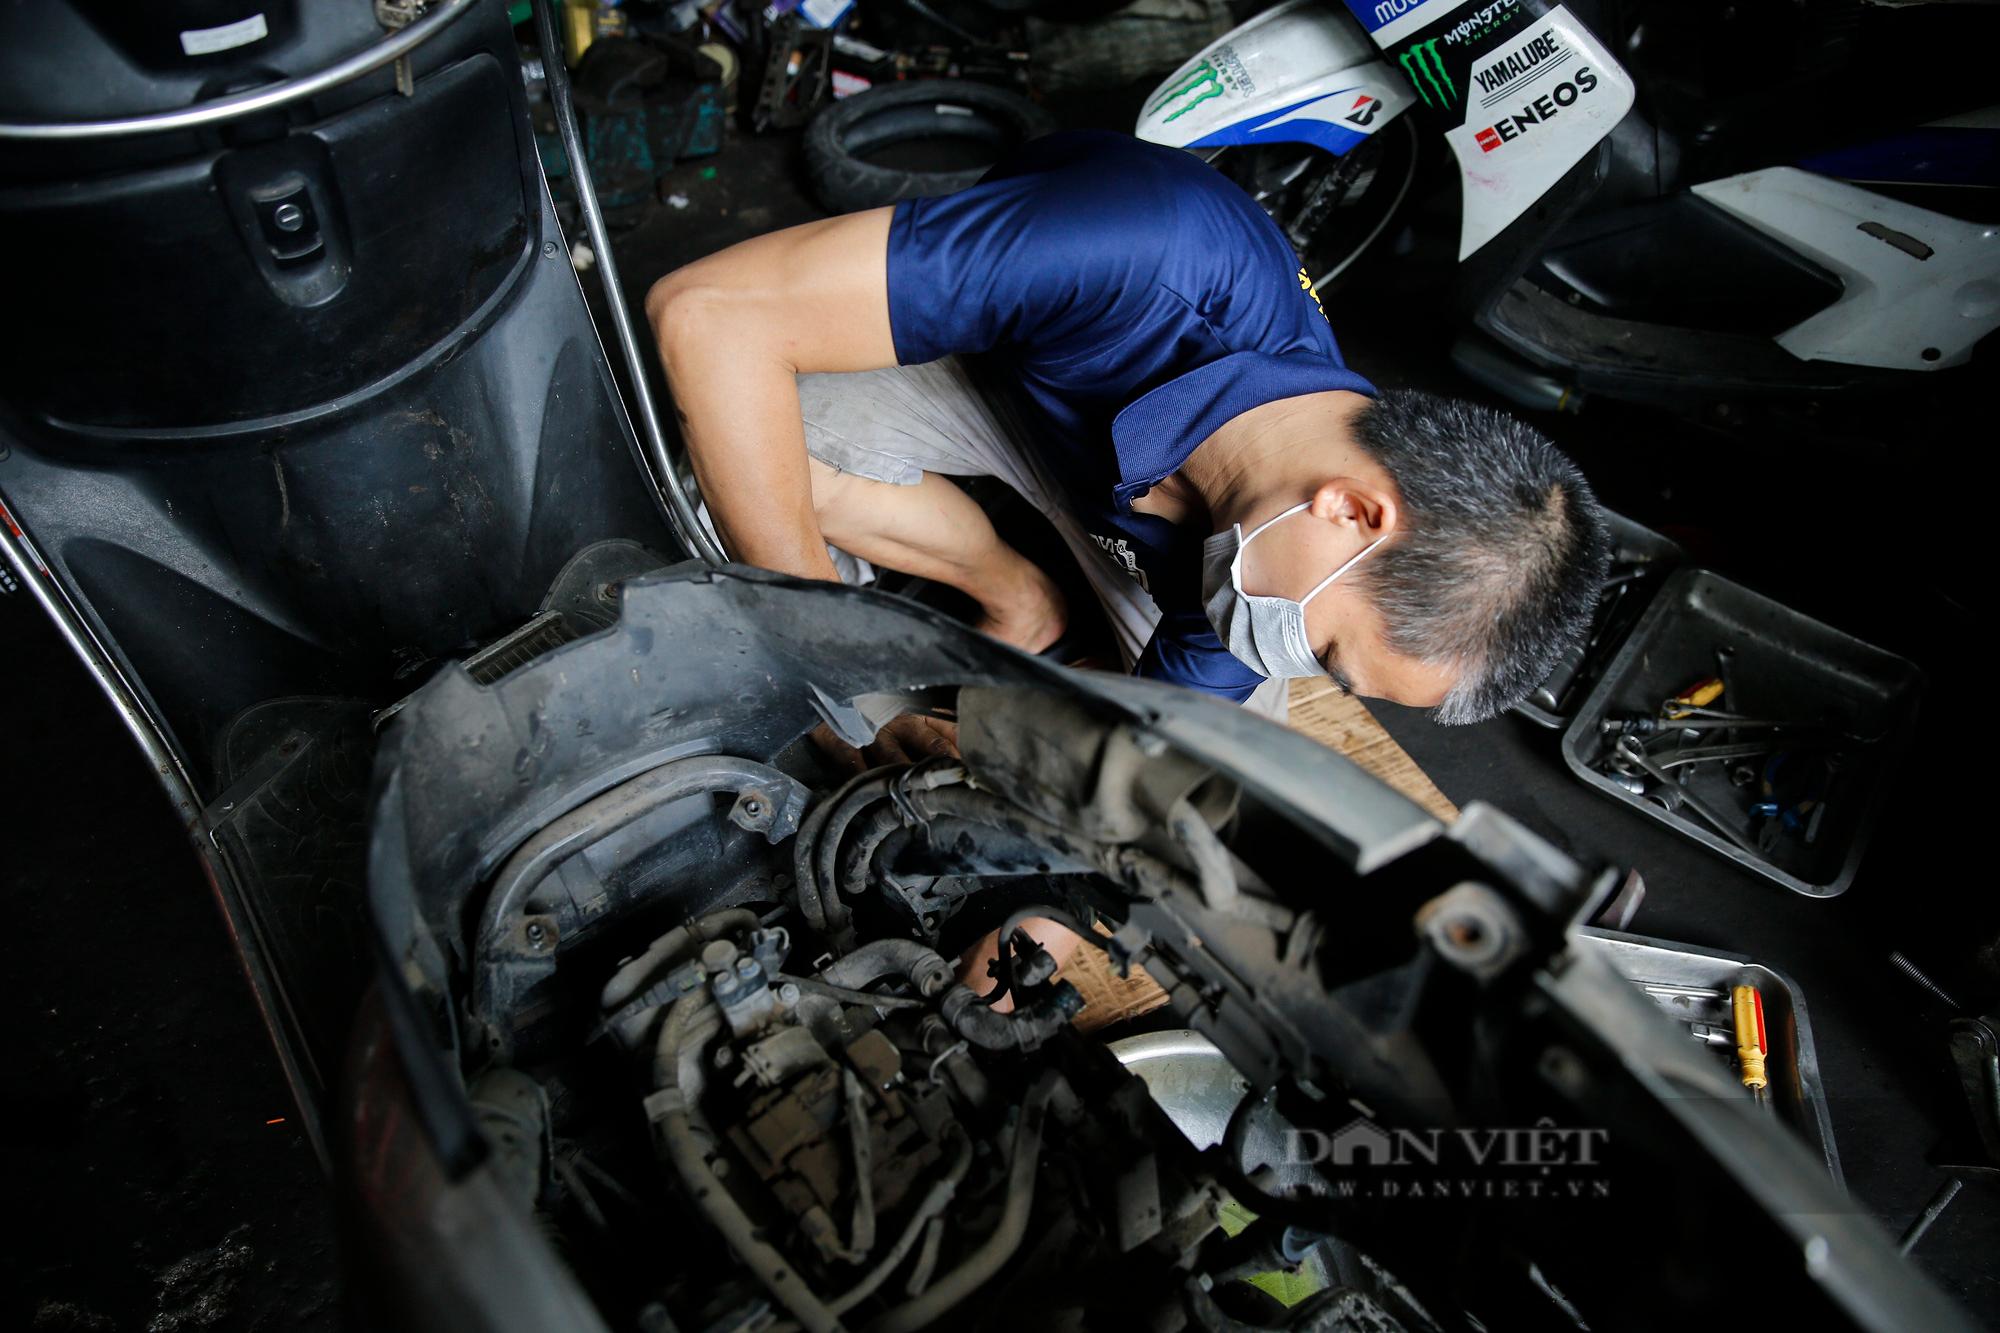 Hà Nội: Mang xe máy đi sửa, khách hàng phải chờ từ sáng đến chiều tối mới có thể nhận được xe - Ảnh 3.